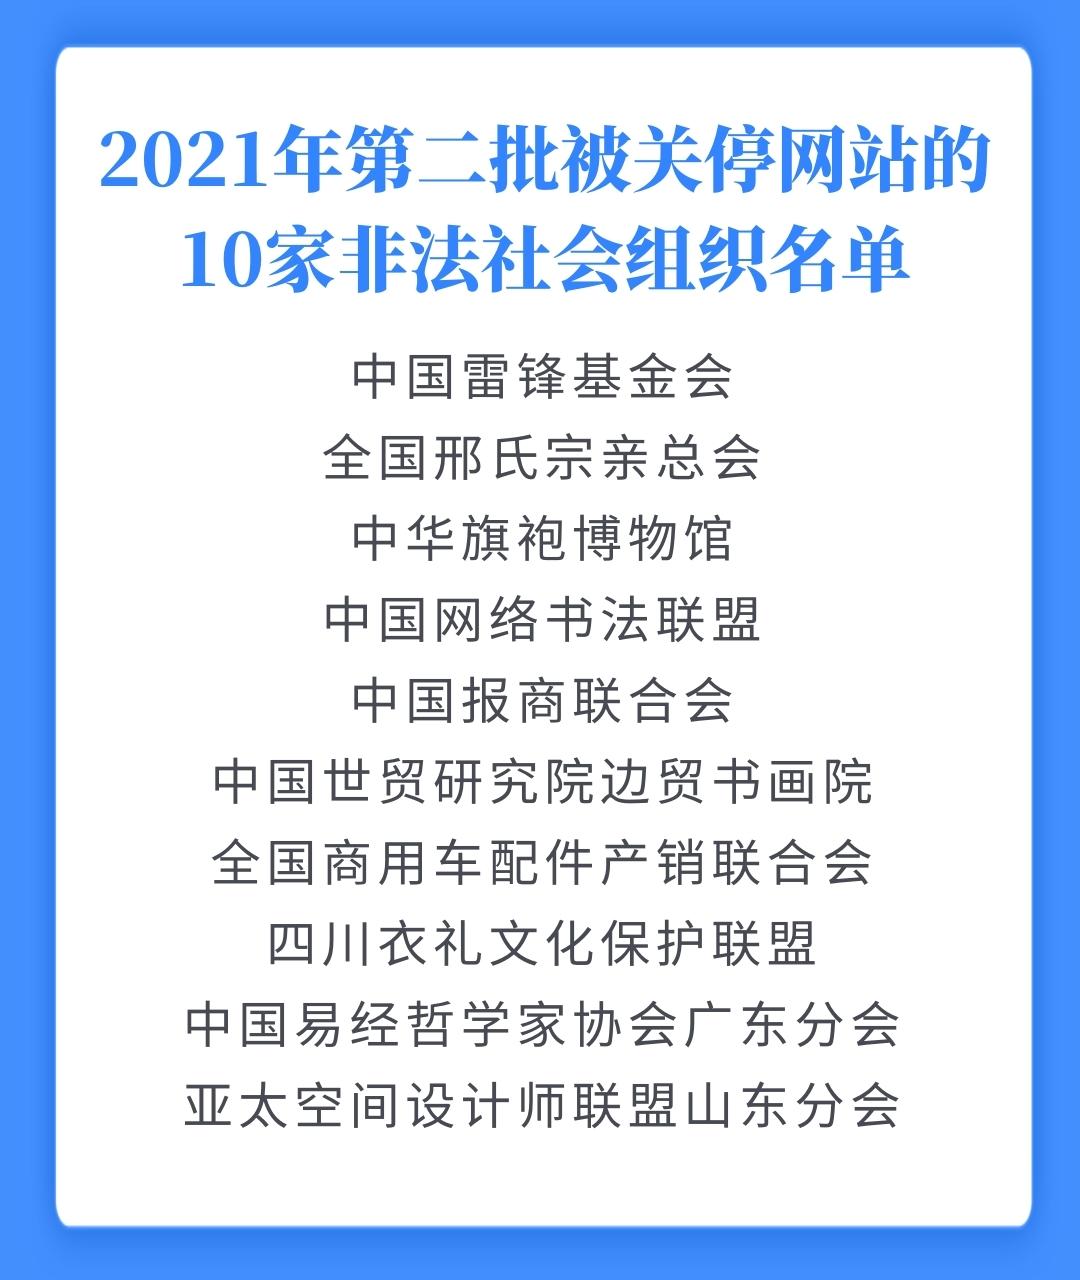 2021年第二批10家非法社會組織網站被關停